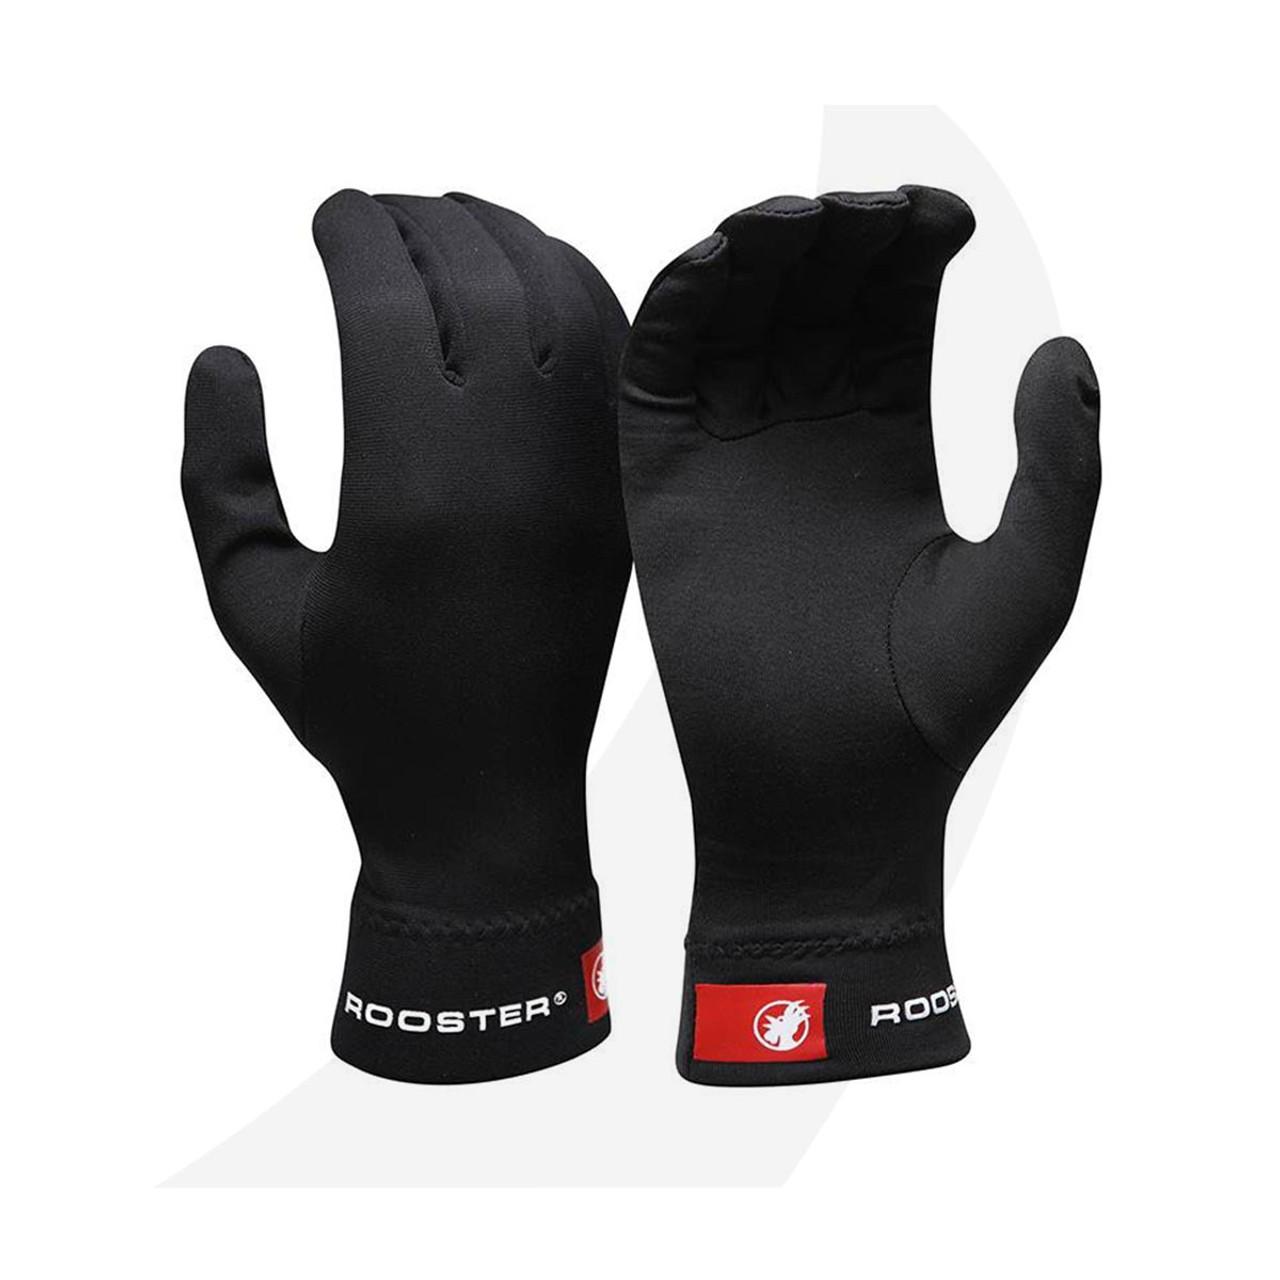 Blade Leather Best Waterproof Thermal Warm Winter Motorcycle Motorbike Gloves LX